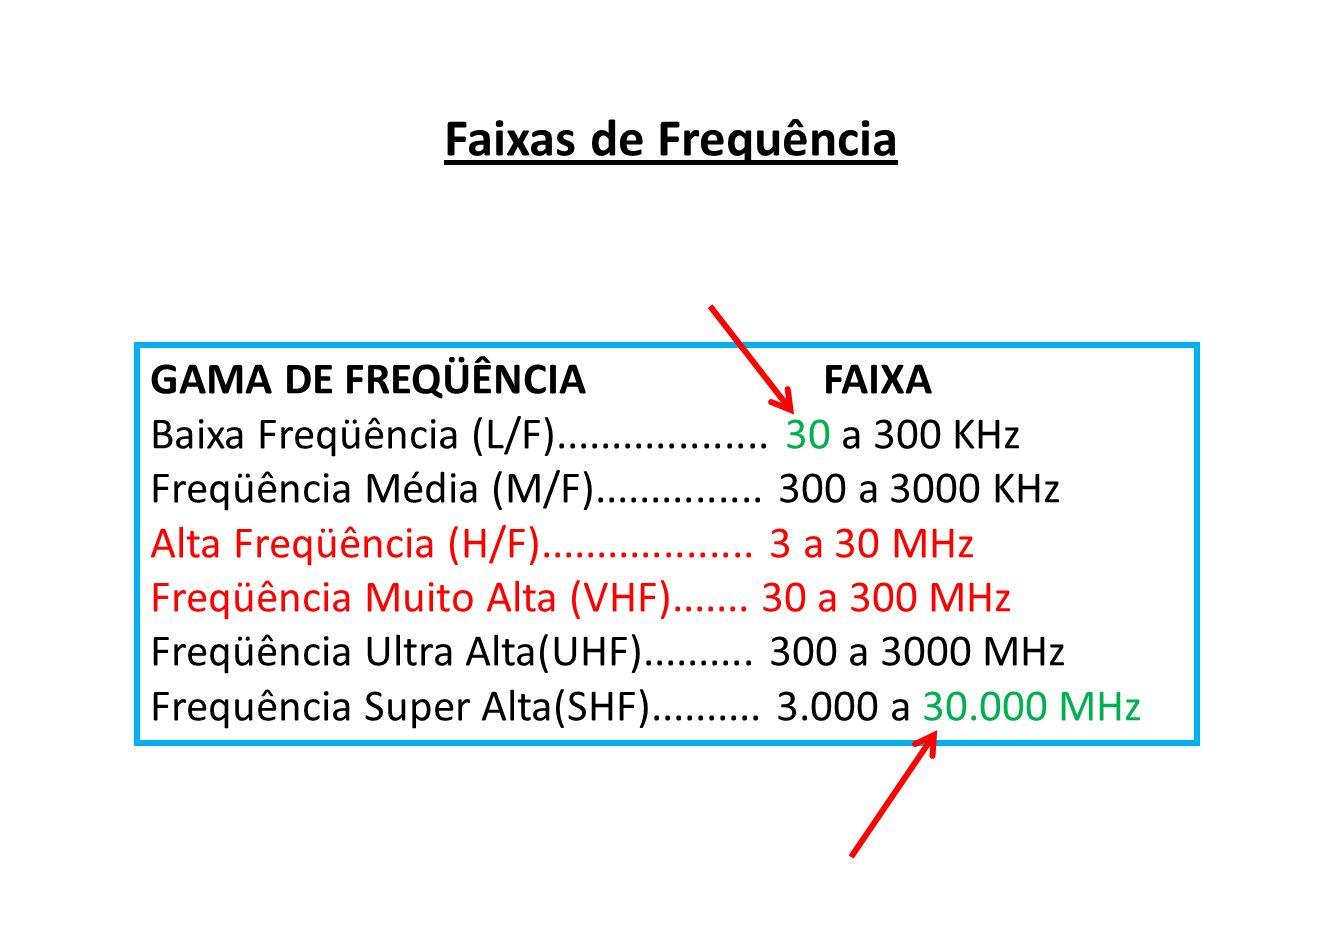 Faixas de Frequência GAMA DE FREQÜÊNCIA FAIXA